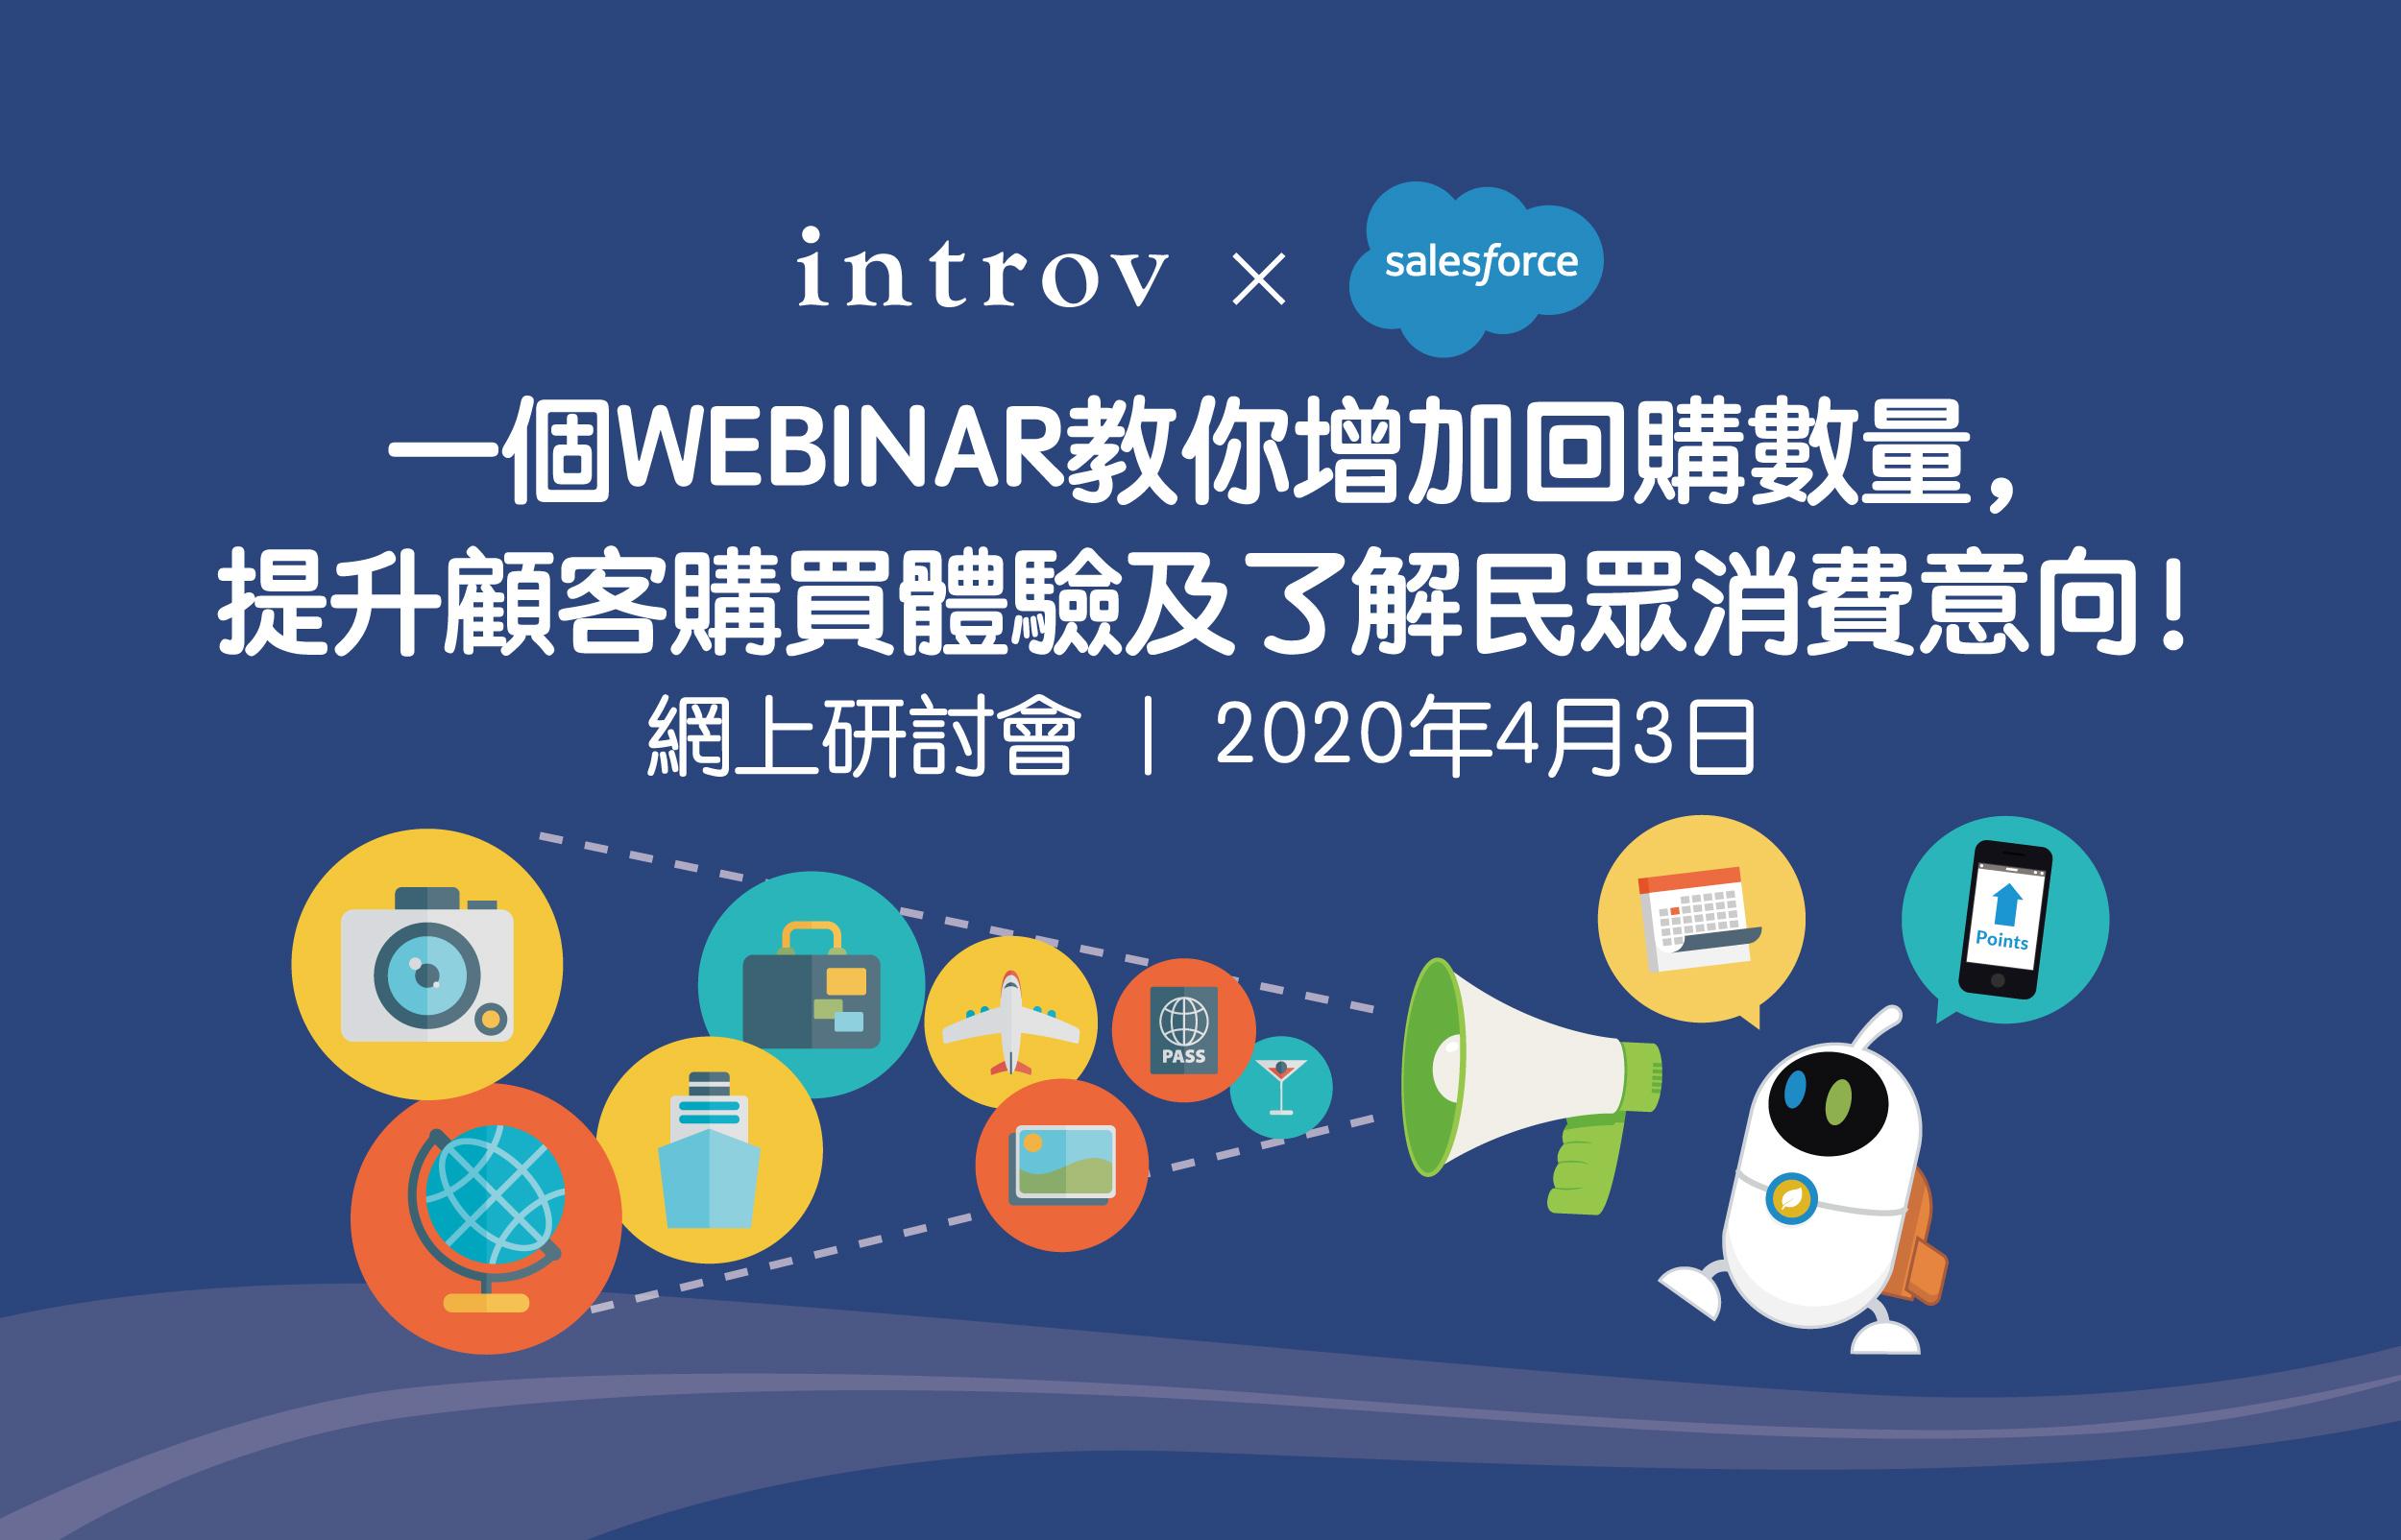 [網上研討會] 一個WEBINAR教你增加回購數量,提升顧客購買體驗及了解民眾消費意向!(2020年4月3日)